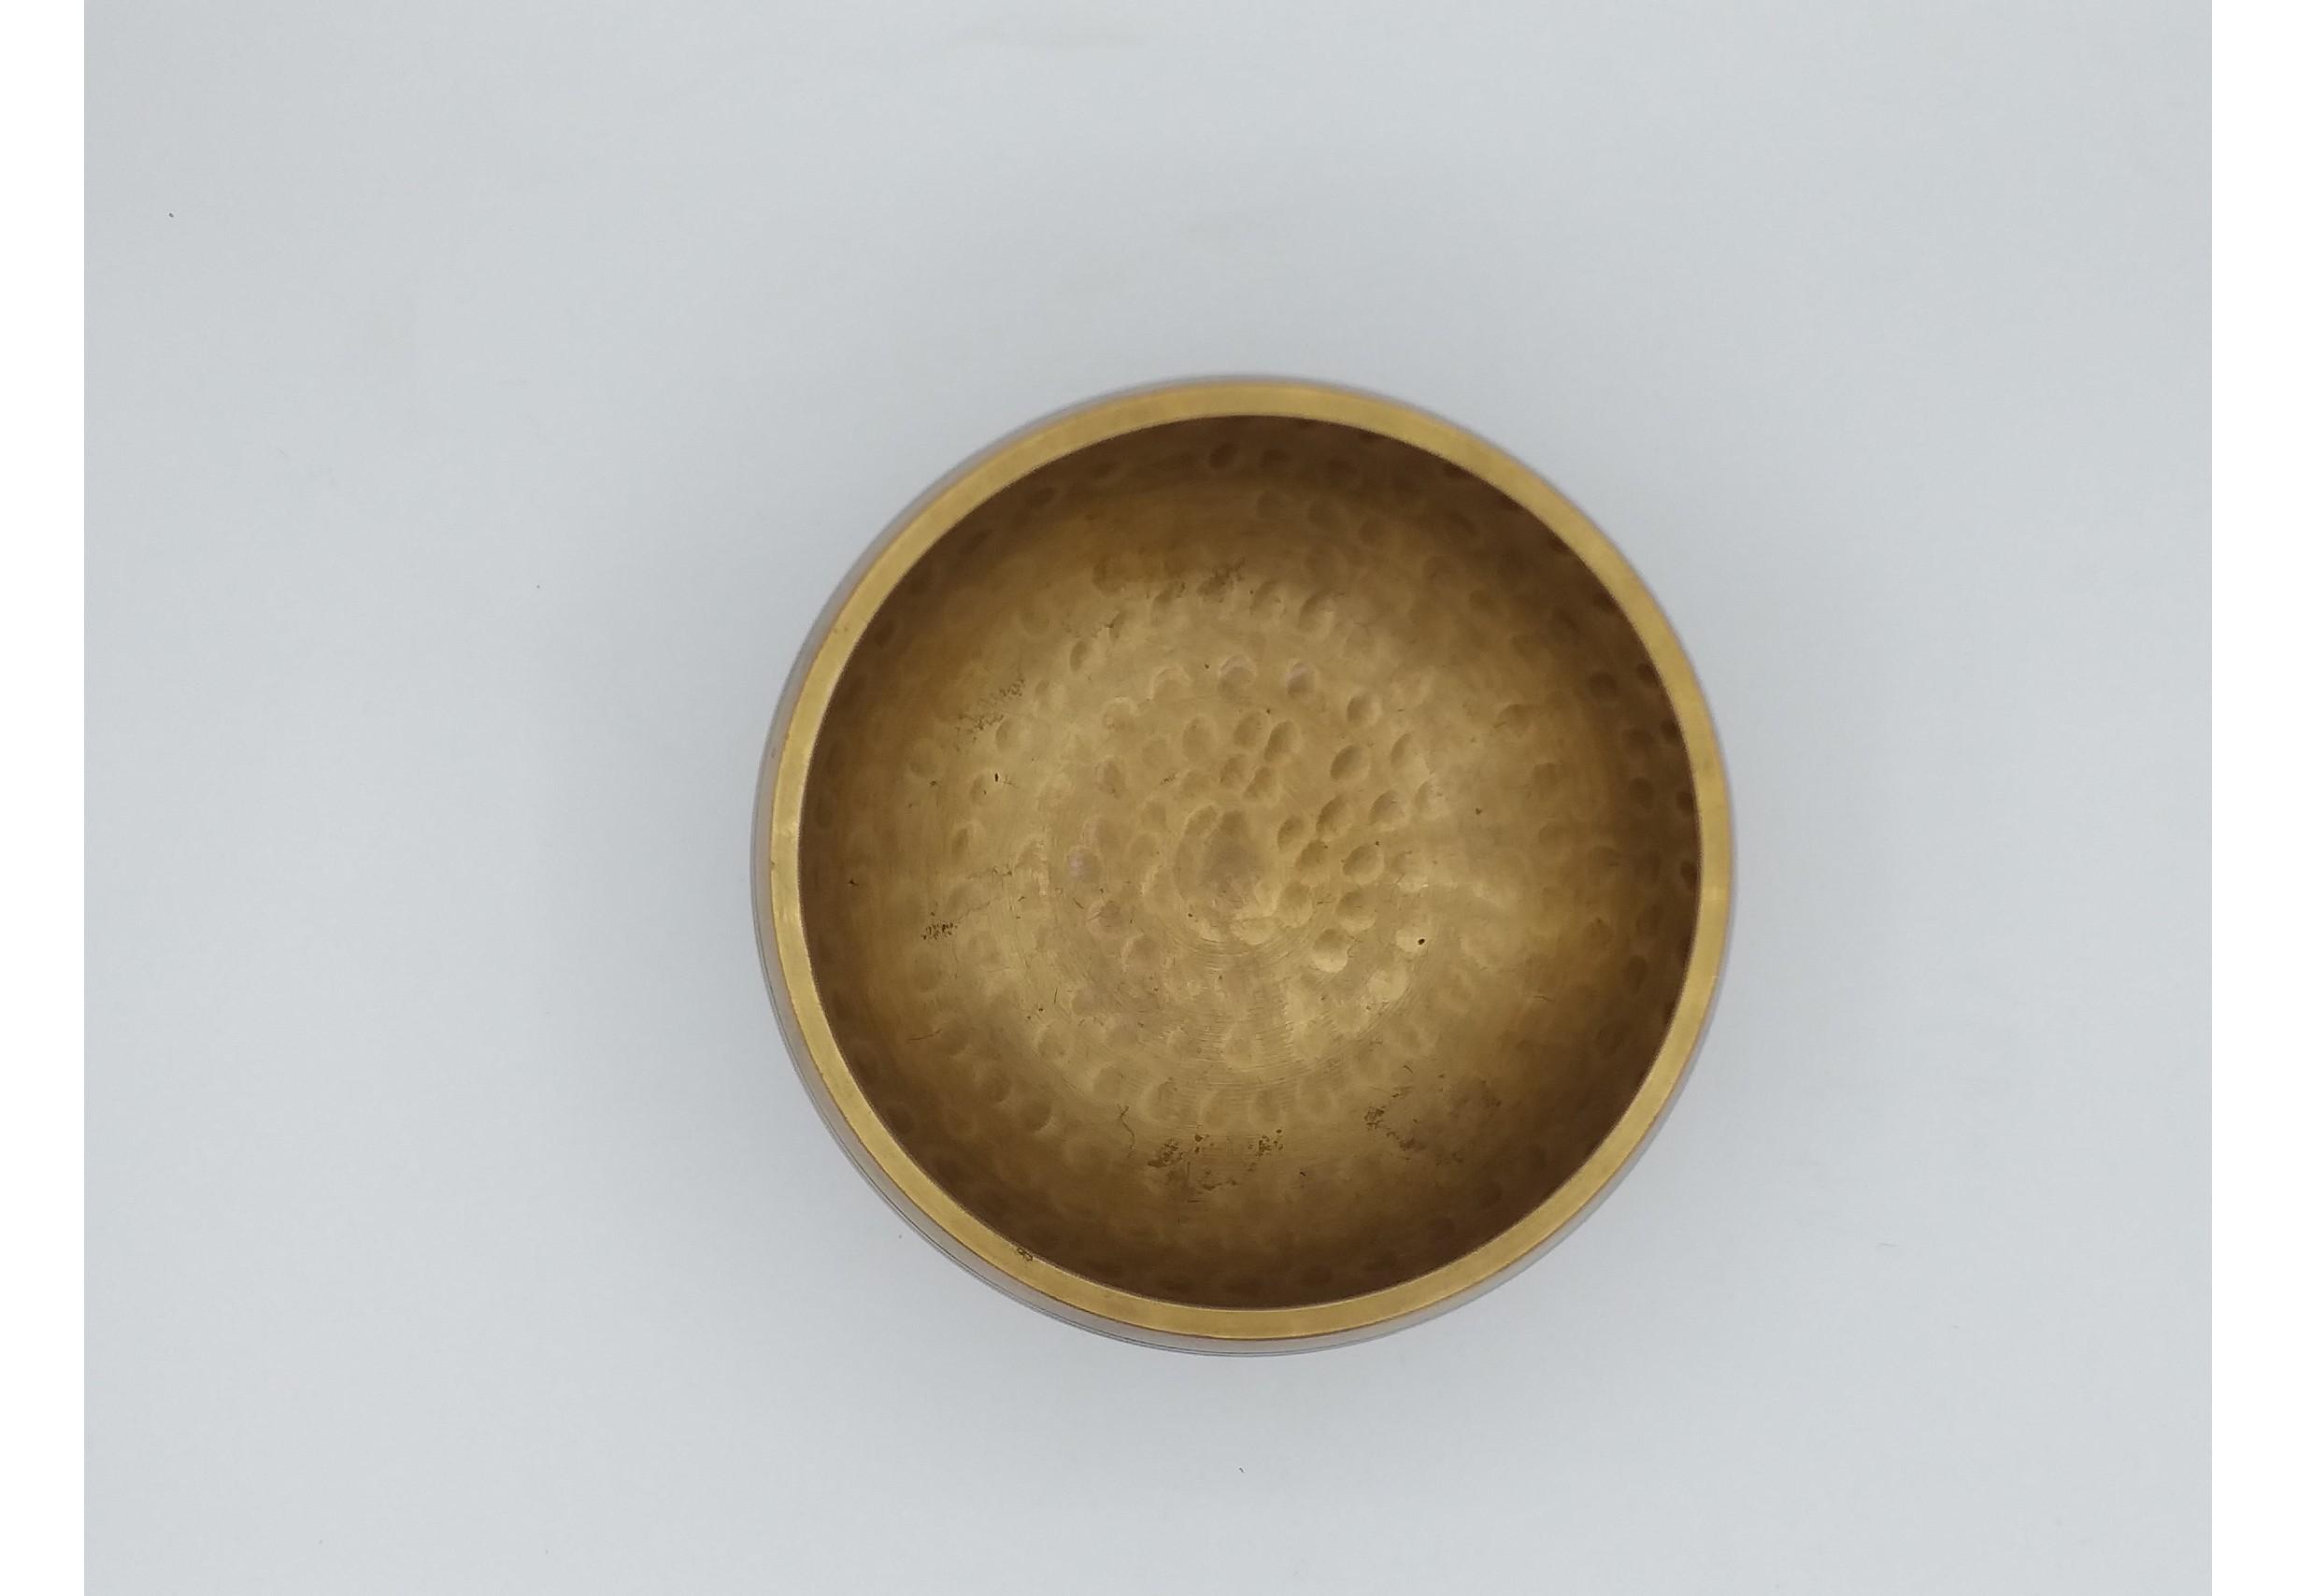 Tibetan singing bowl 4.3 inches